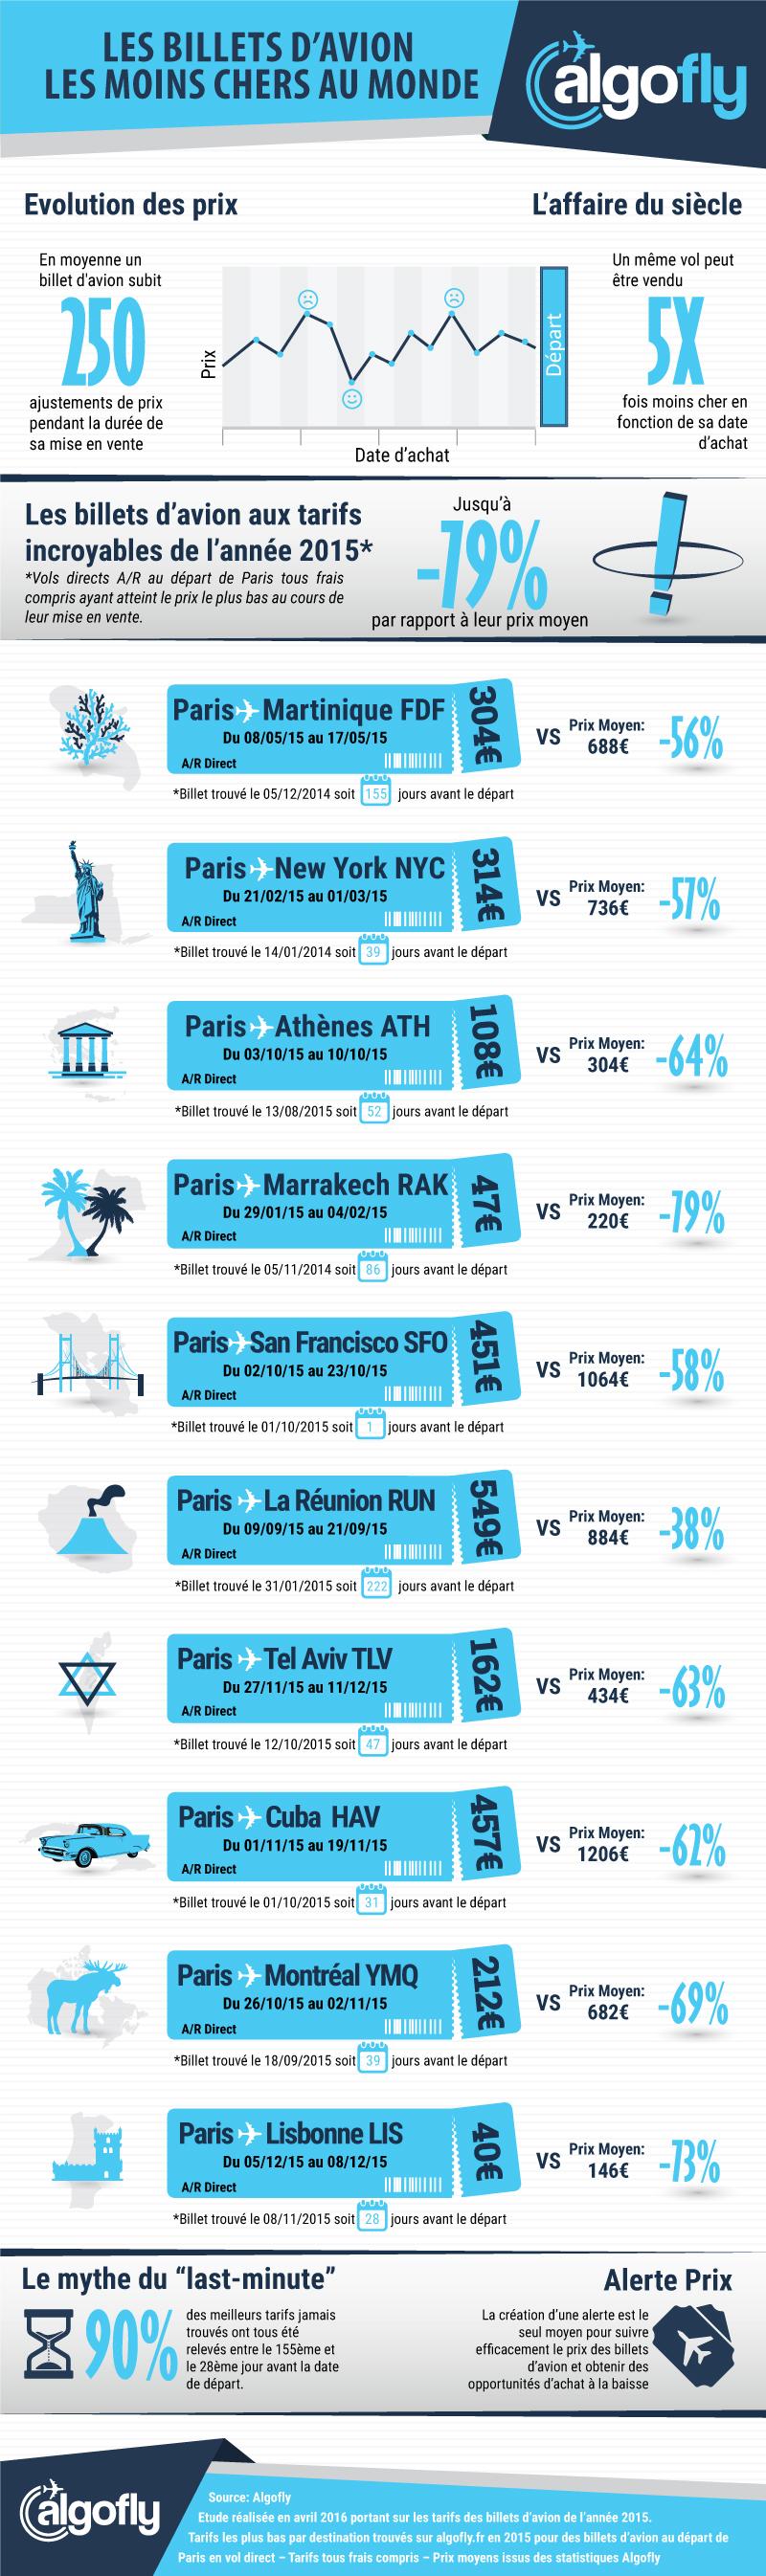 Prix du billet d'avion : les meilleurs tarifs en last minute... un mythe ?